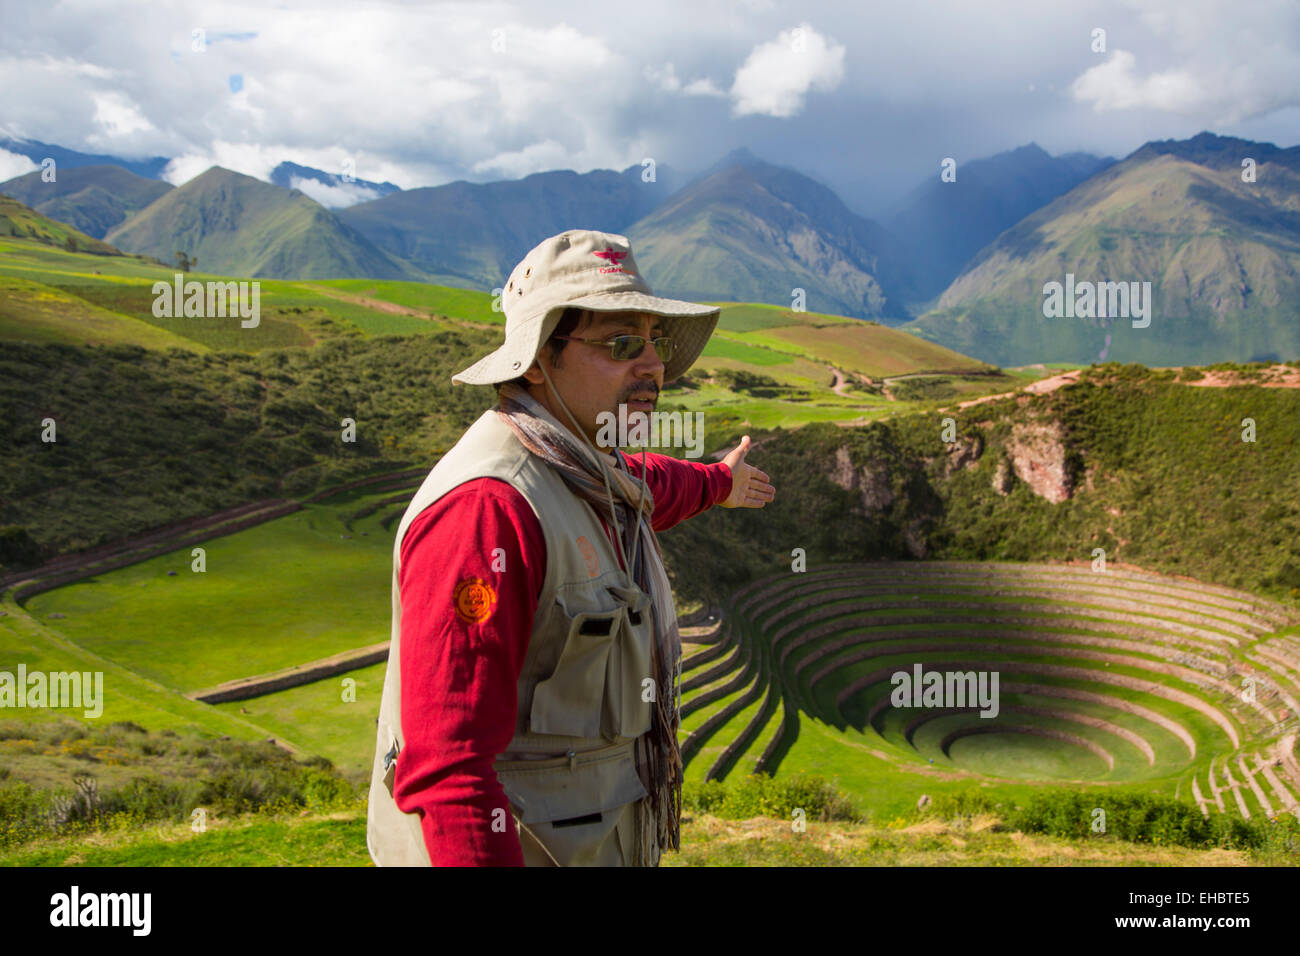 Circolare terrazze Inca di Moray, Cusco Regione, Provincia di Urubamba, Machupicchu distretto, Perù Immagini Stock